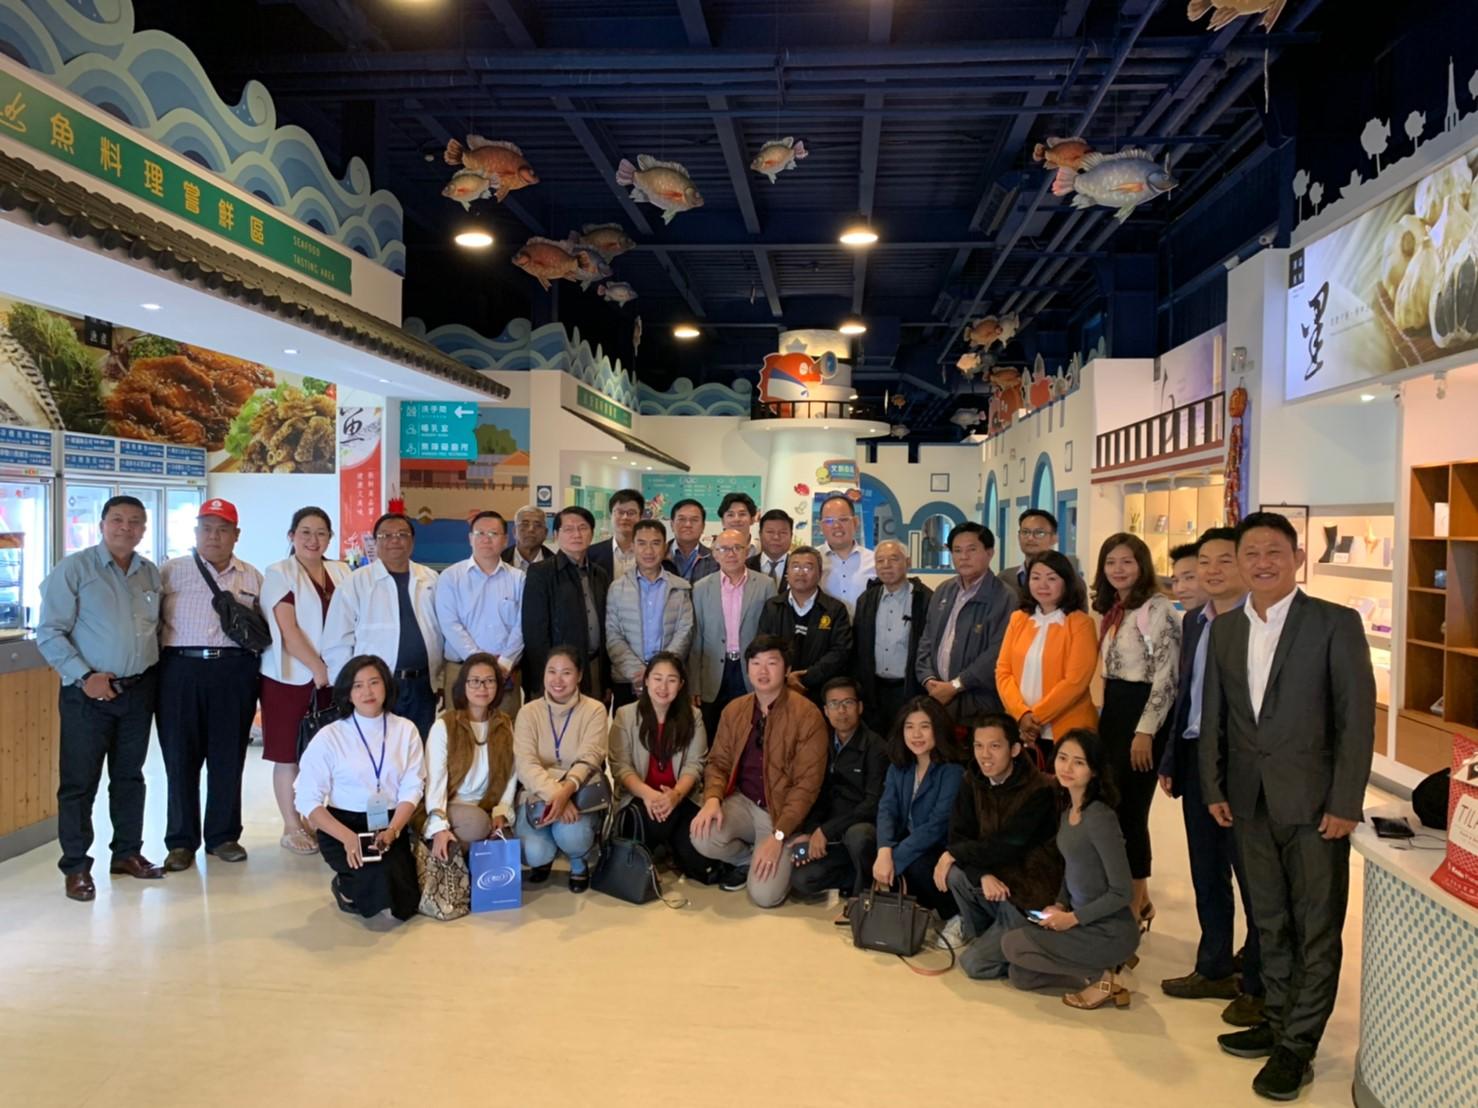 2019.12.23 參訪臺灣鯛魚生態創意園區